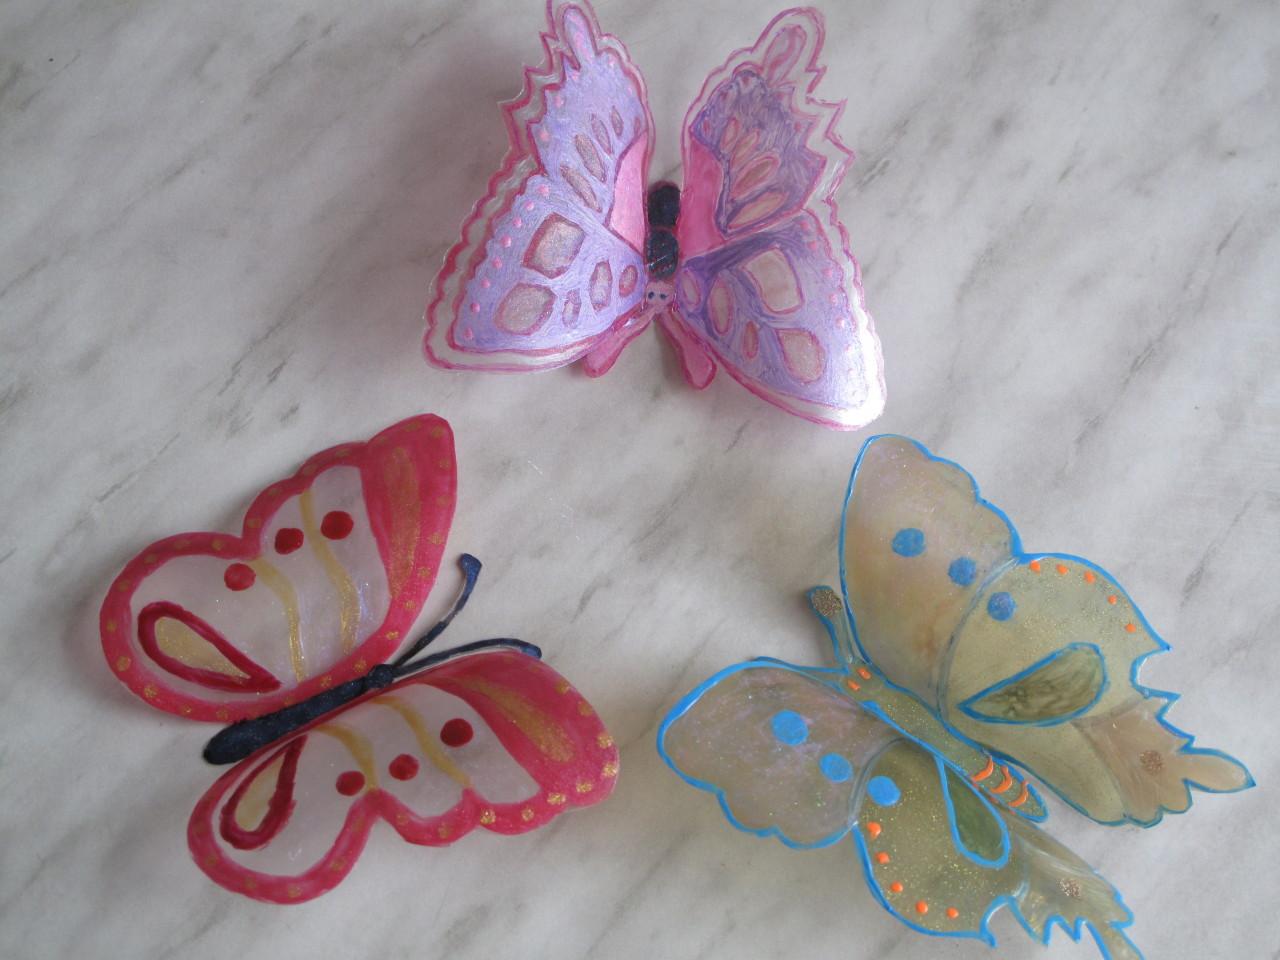 Бабочки сделать своими руками из пластиковых бутылок своими руками